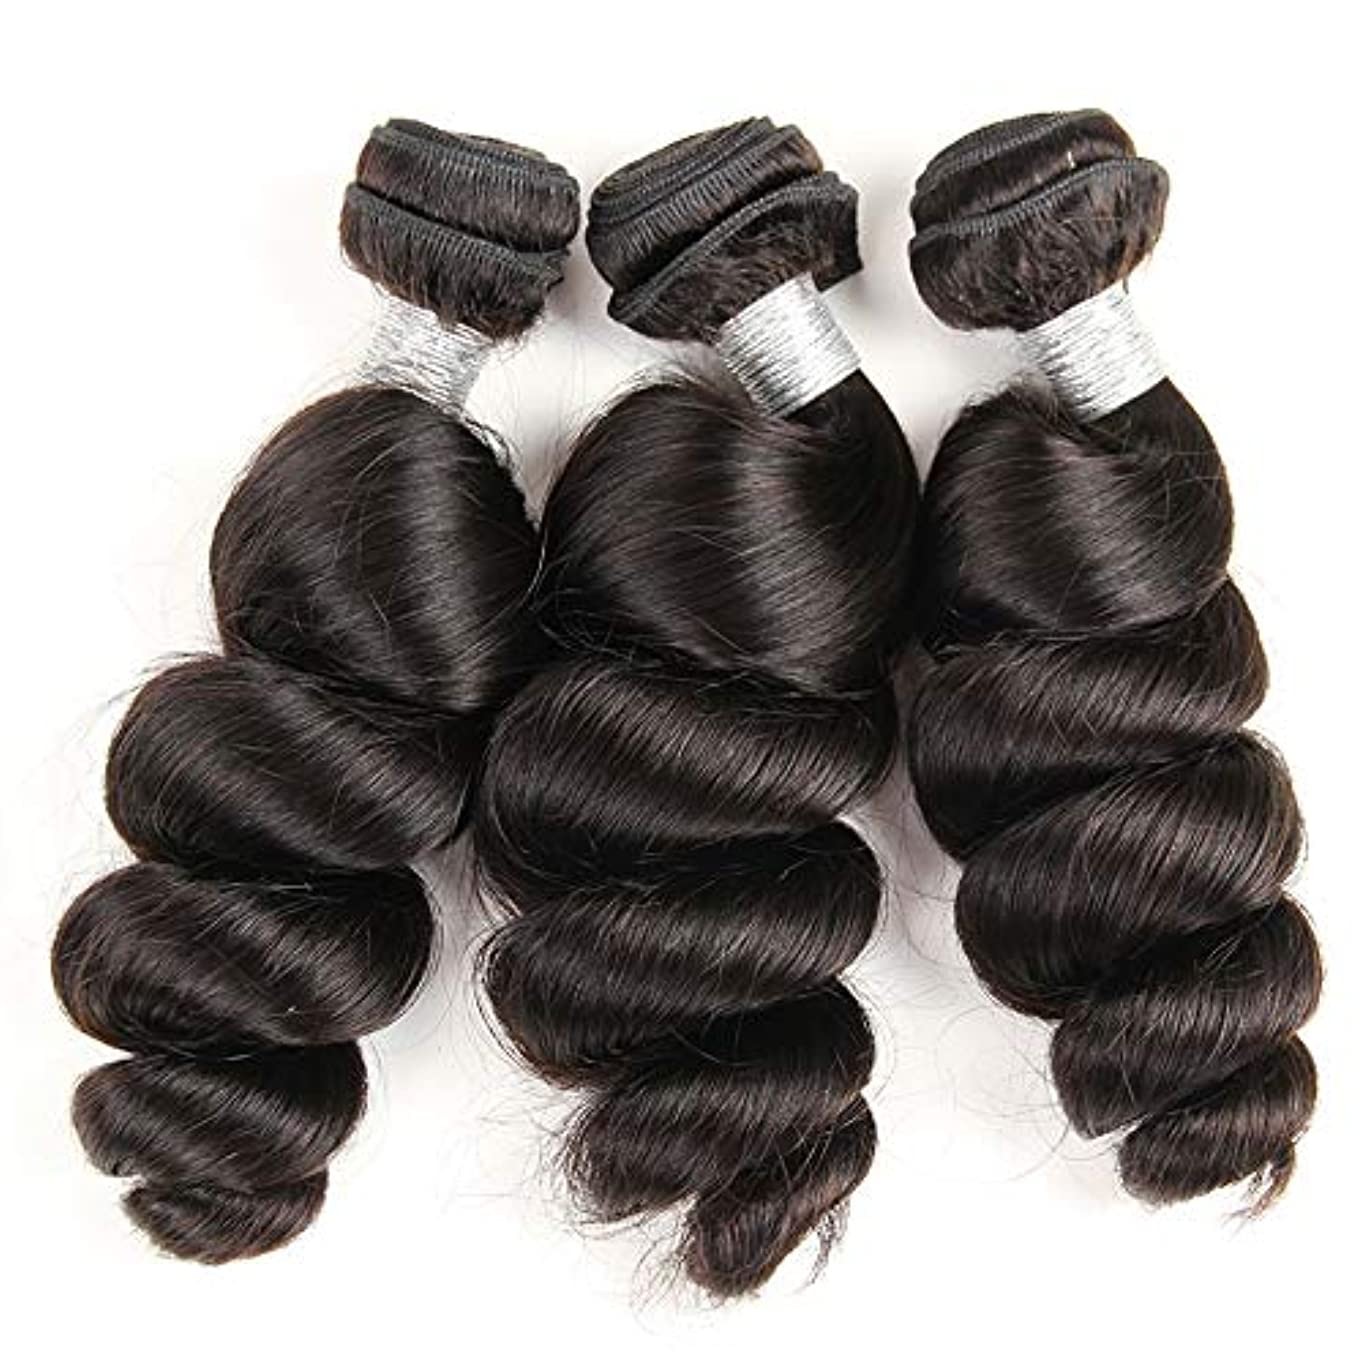 暗いインフレーション予防接種女性ブラジルバージンルースディープウェーブ1バンドル人間の髪未処理のremyミンクルースカーリーヘアエクステンション織り